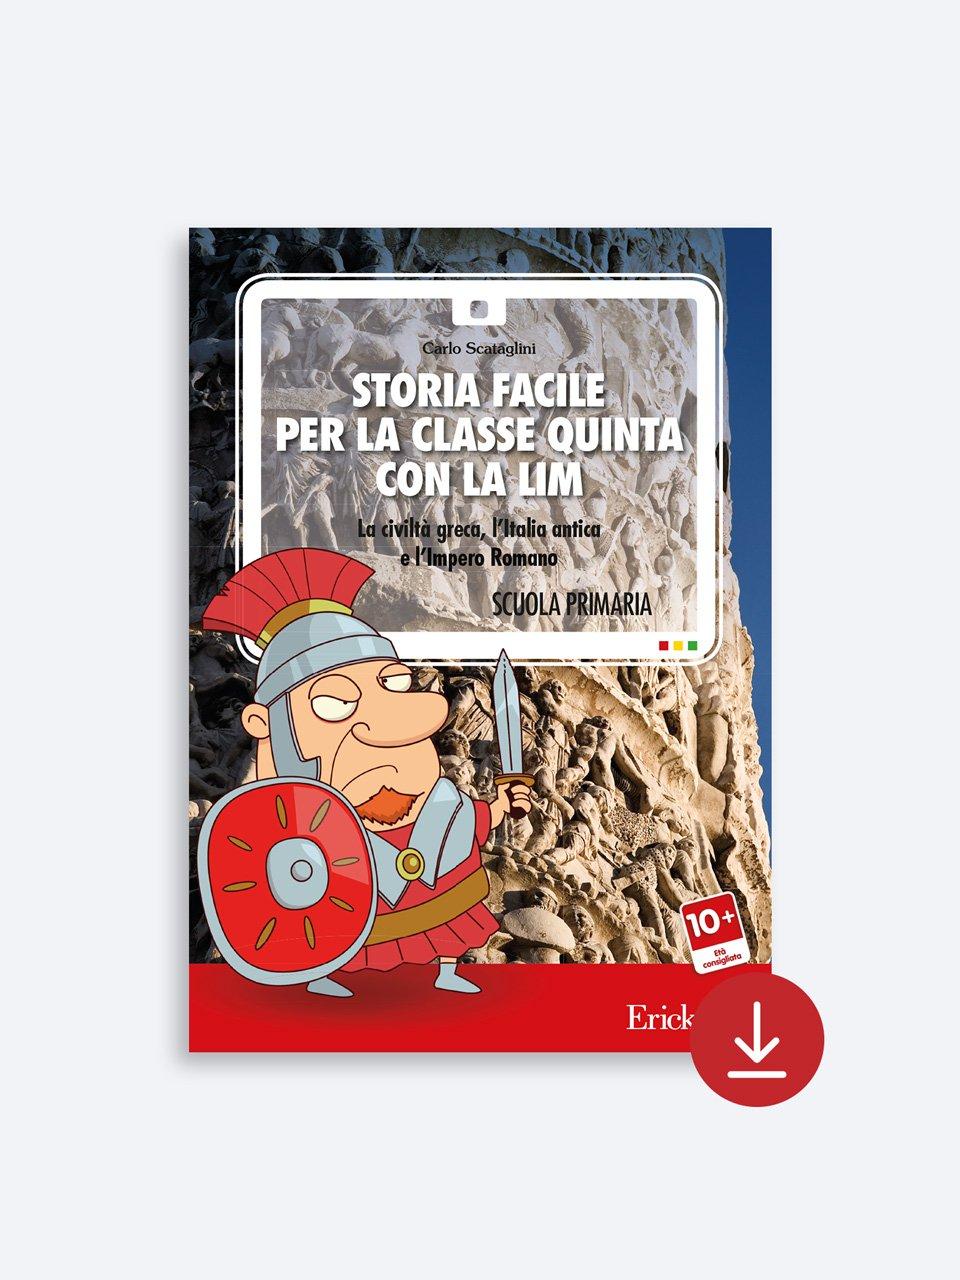 Storia facile per la classe quinta - Libri - App e software - Erickson 7